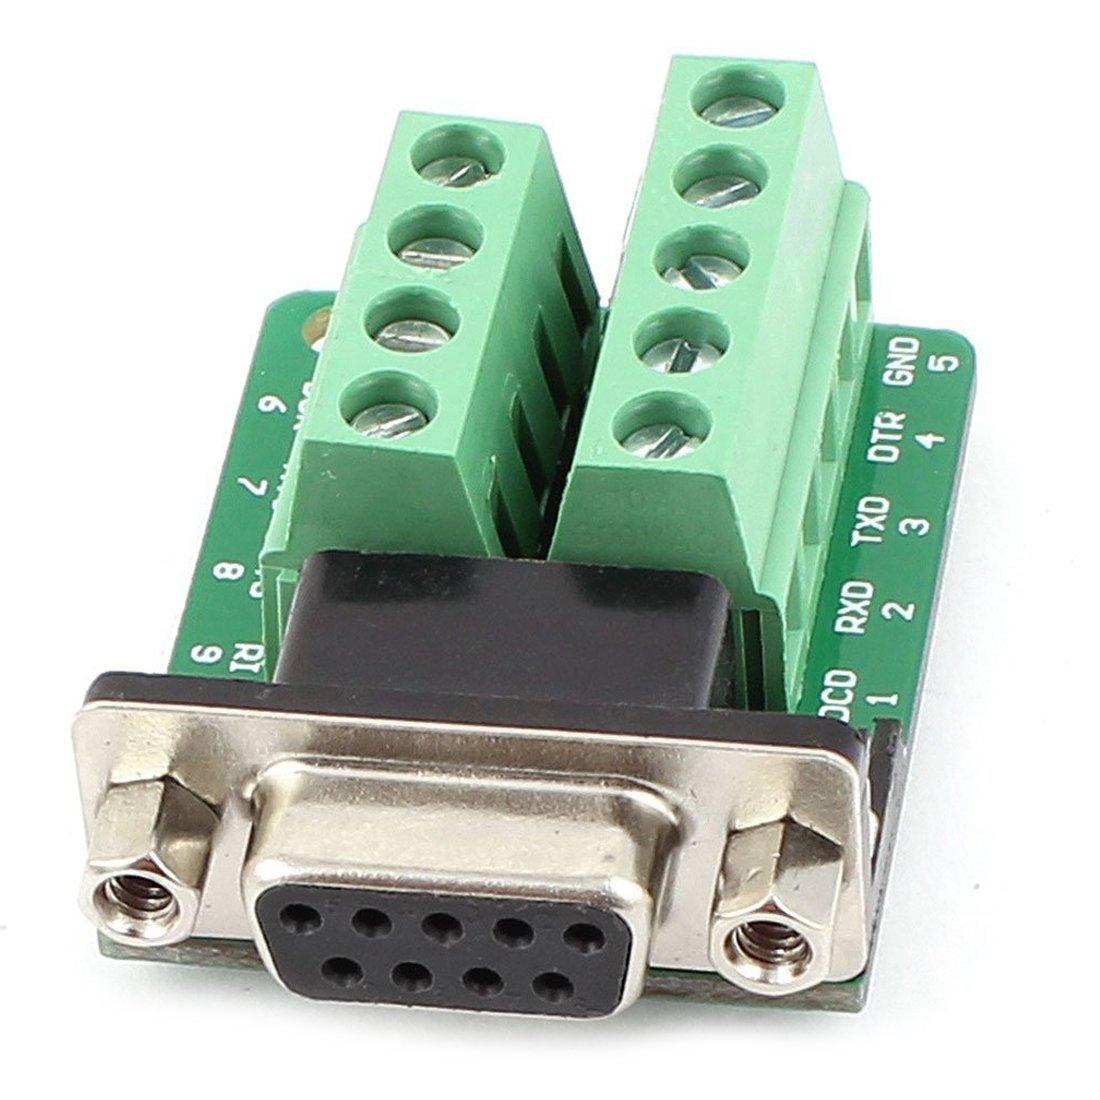 Anschlussplatine - SODIAL(R) RS232 D-SUB DB9 Buchse Adapter zum Terminal-Anschluss Signal-Modul 065587